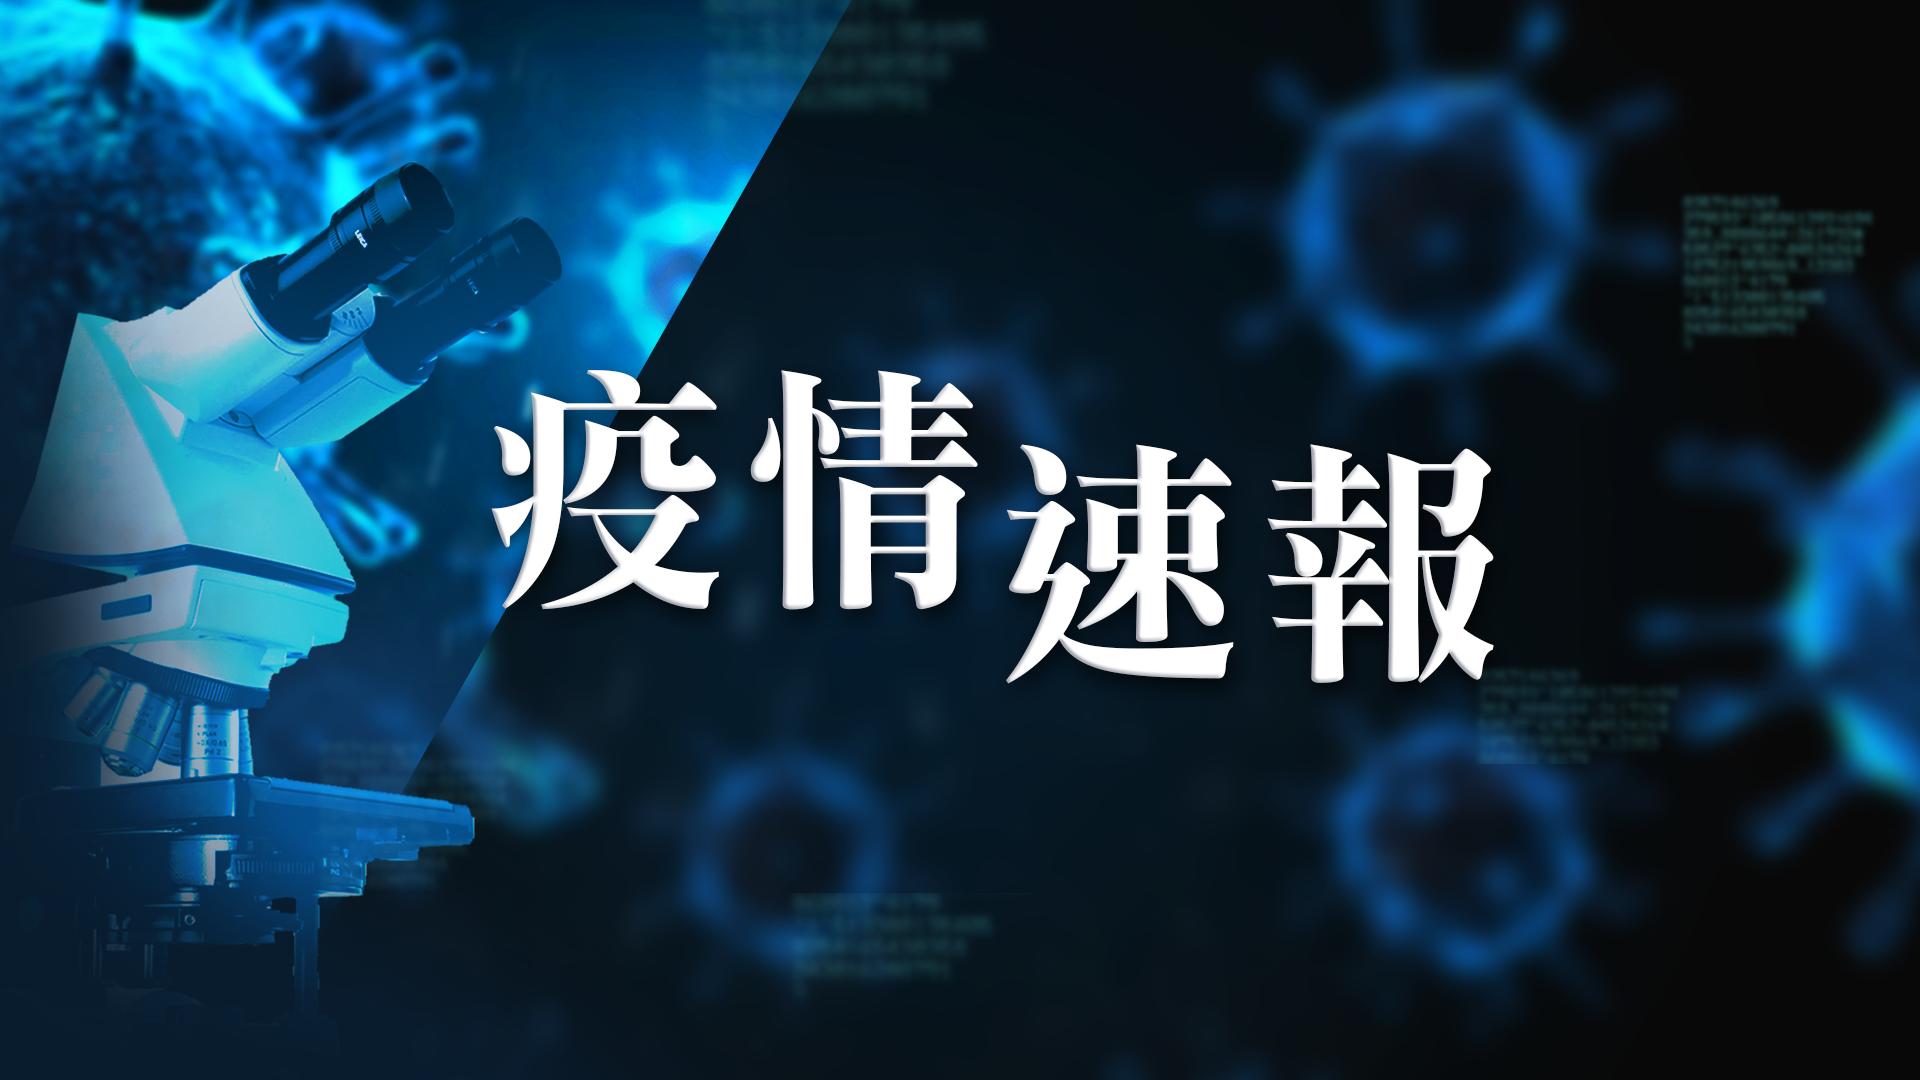 【1月16日疫情速報】(23:30)